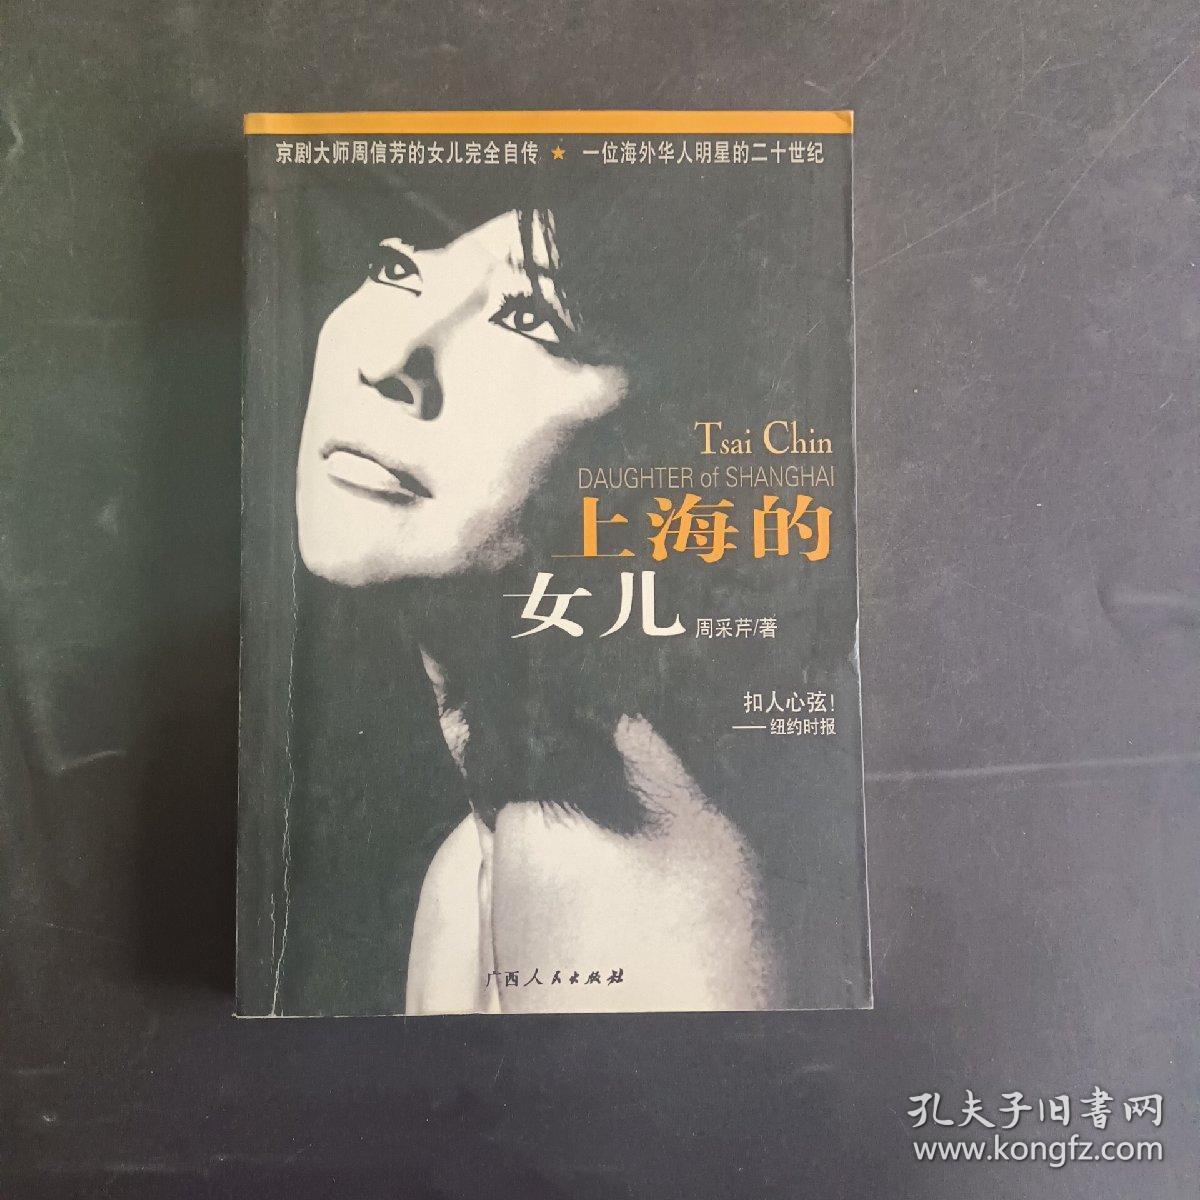 上海的女儿